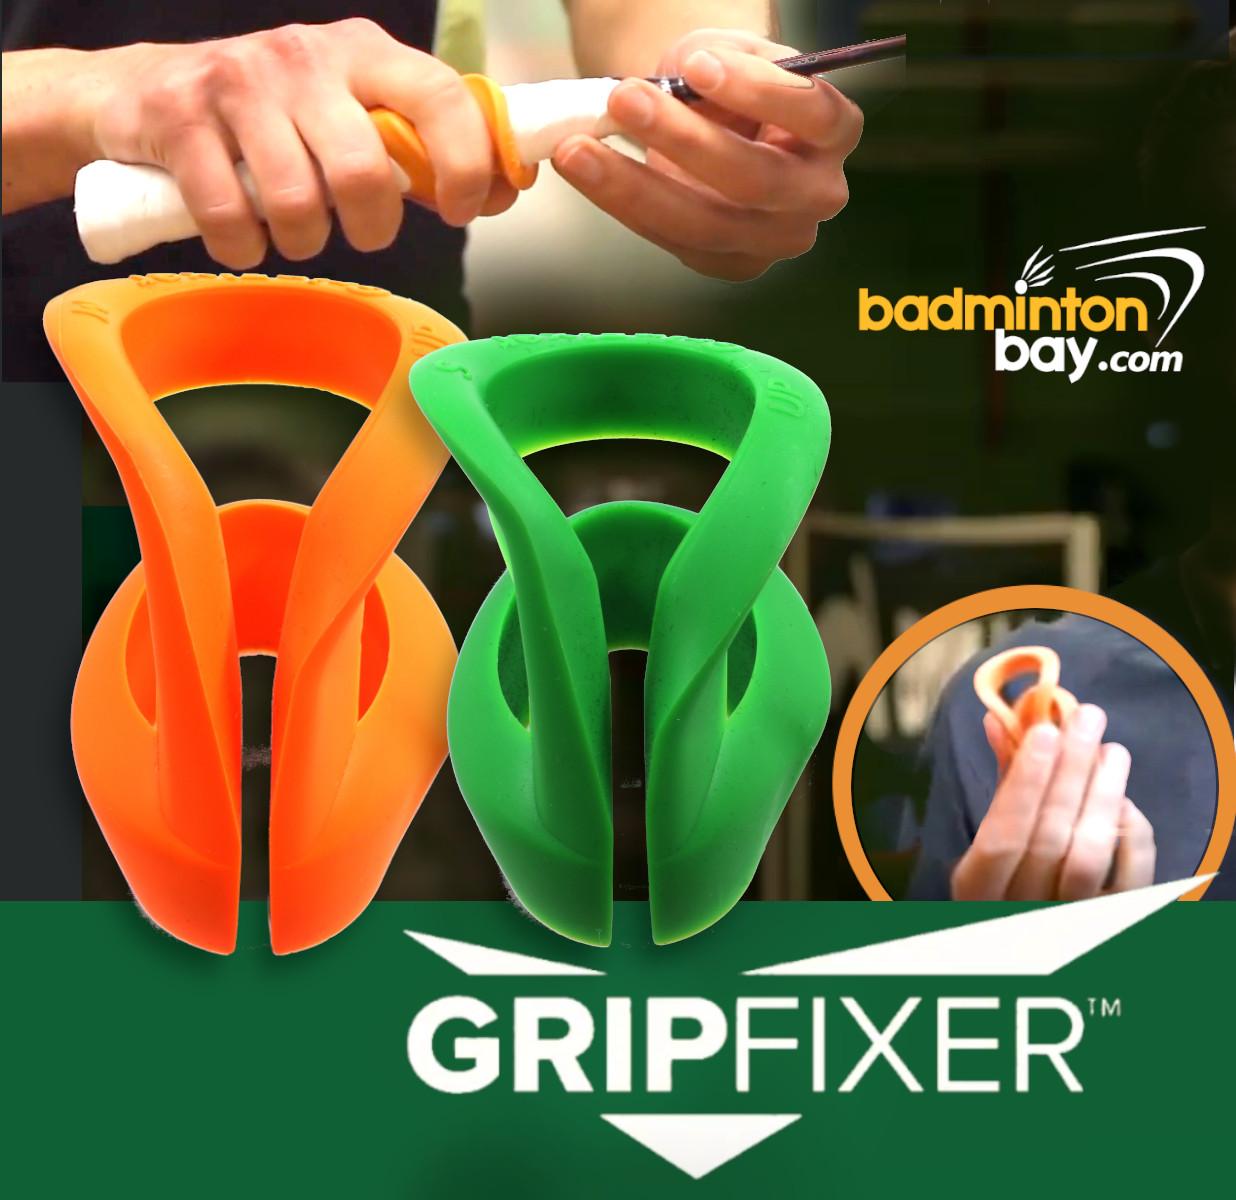 Gripfixer